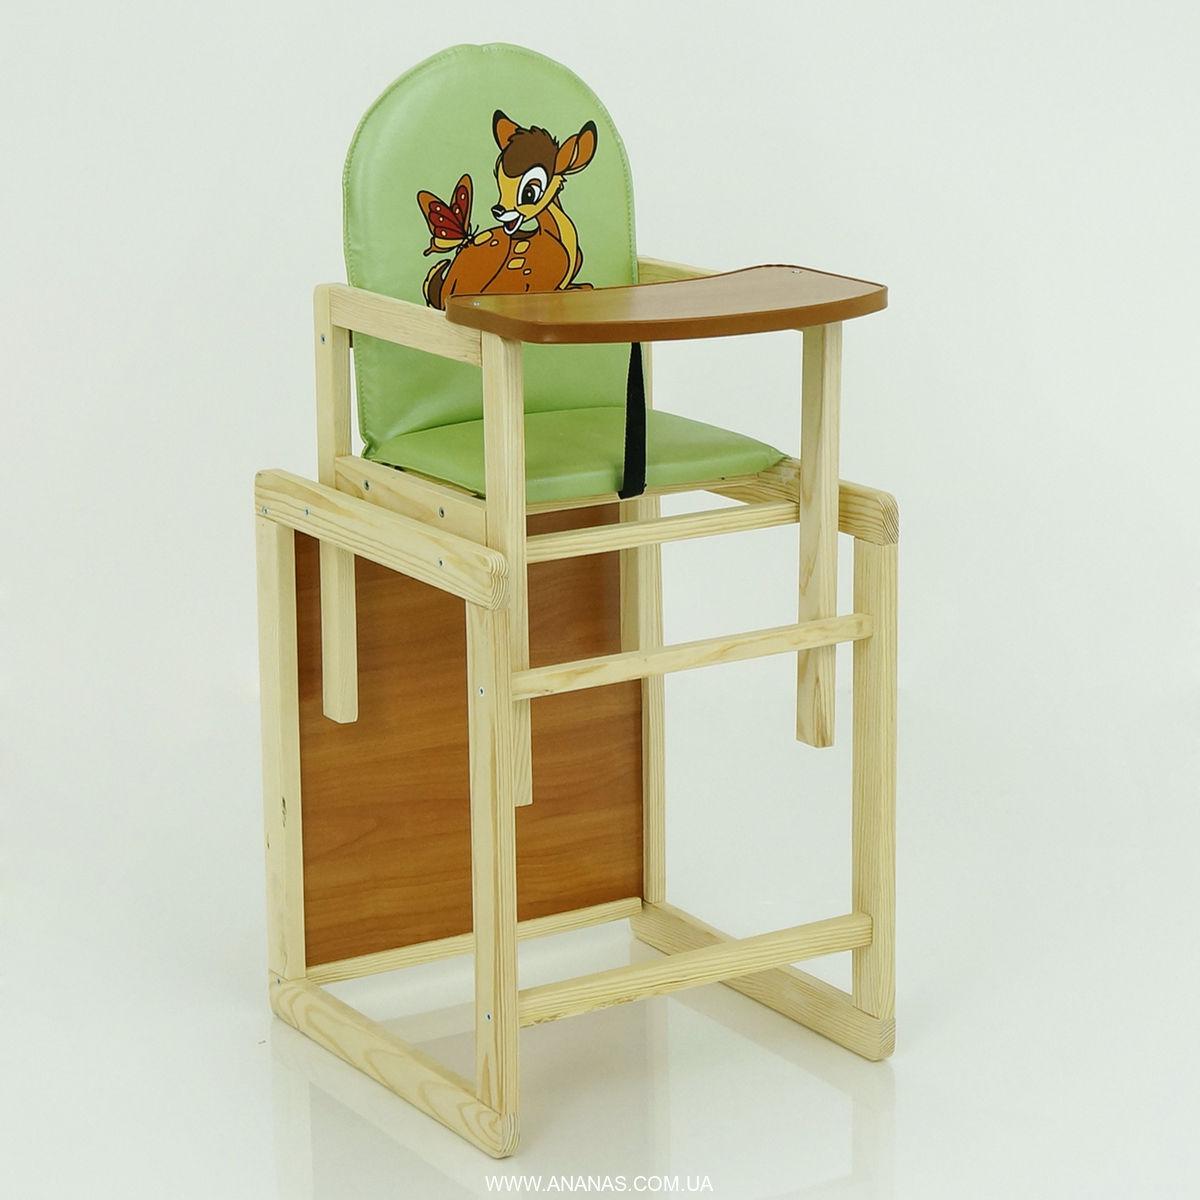 детский стульчик для кормления деревянный трансформер цена 440 грн